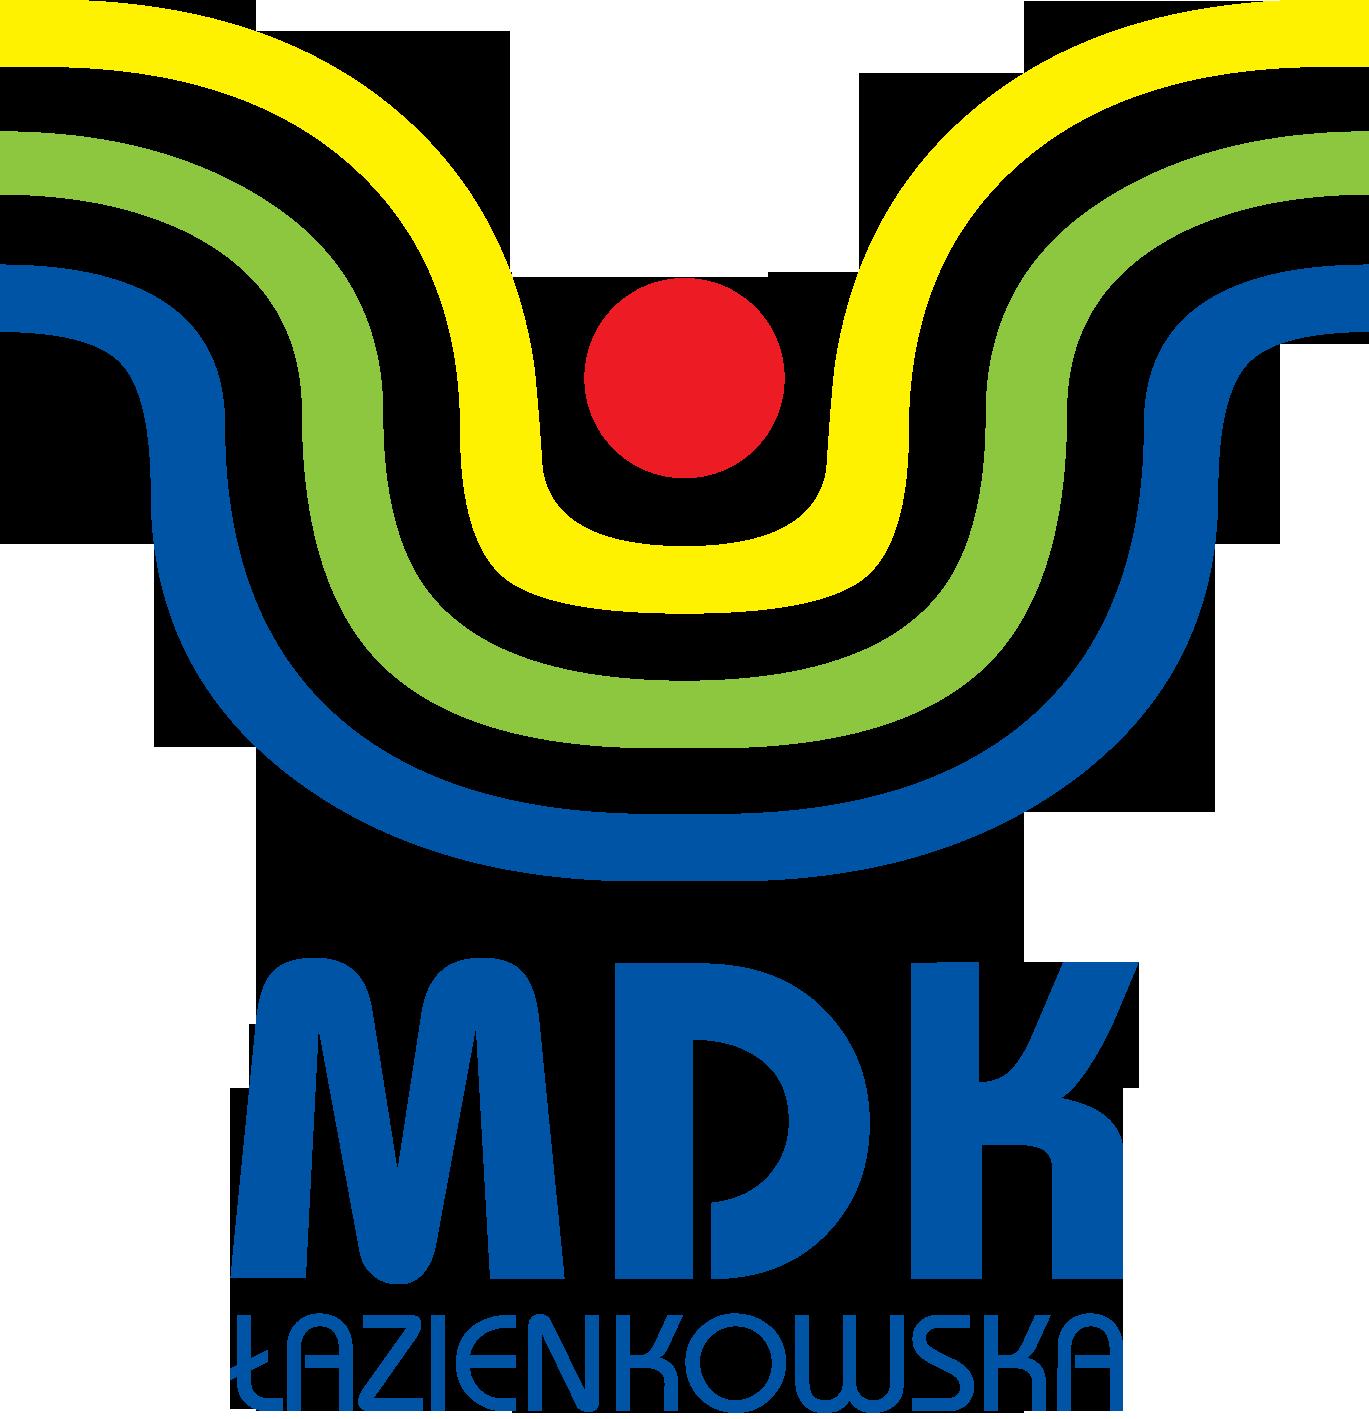 logo_mdk_lazienkowska.png